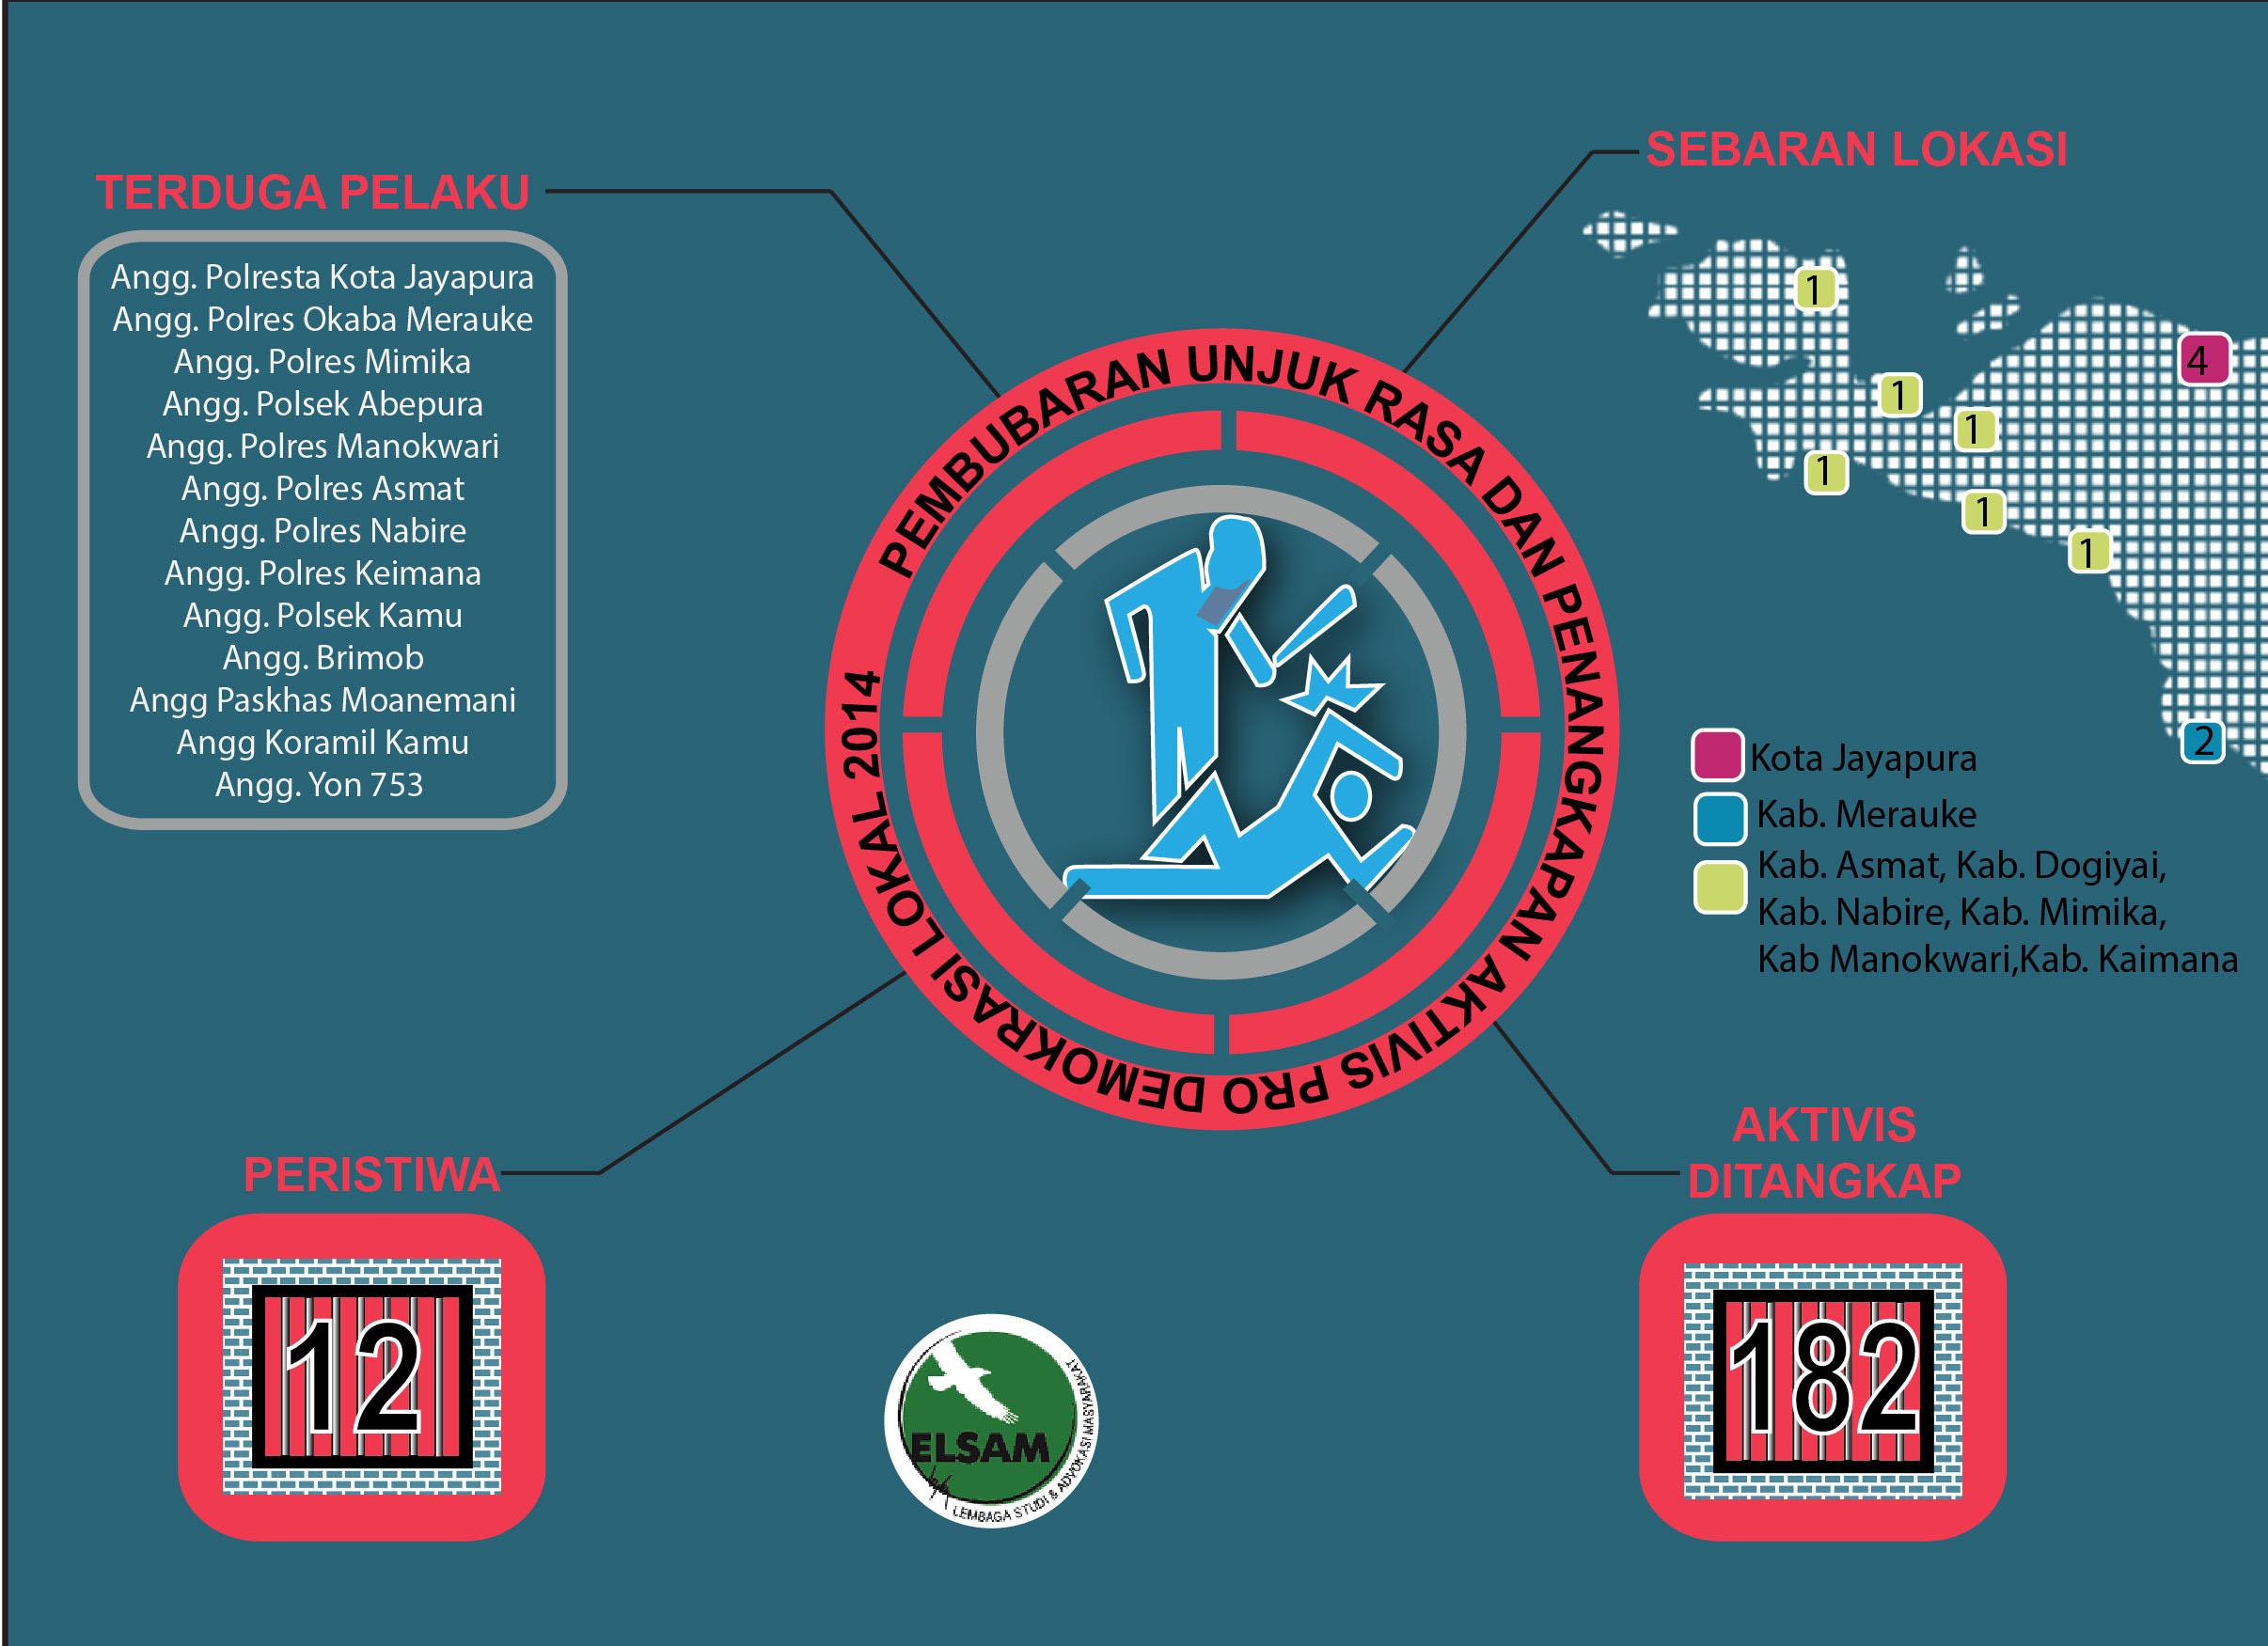 Infografis Pembubaran Unjuk Rasa dan Penangkapan AKtivis Pro Dem